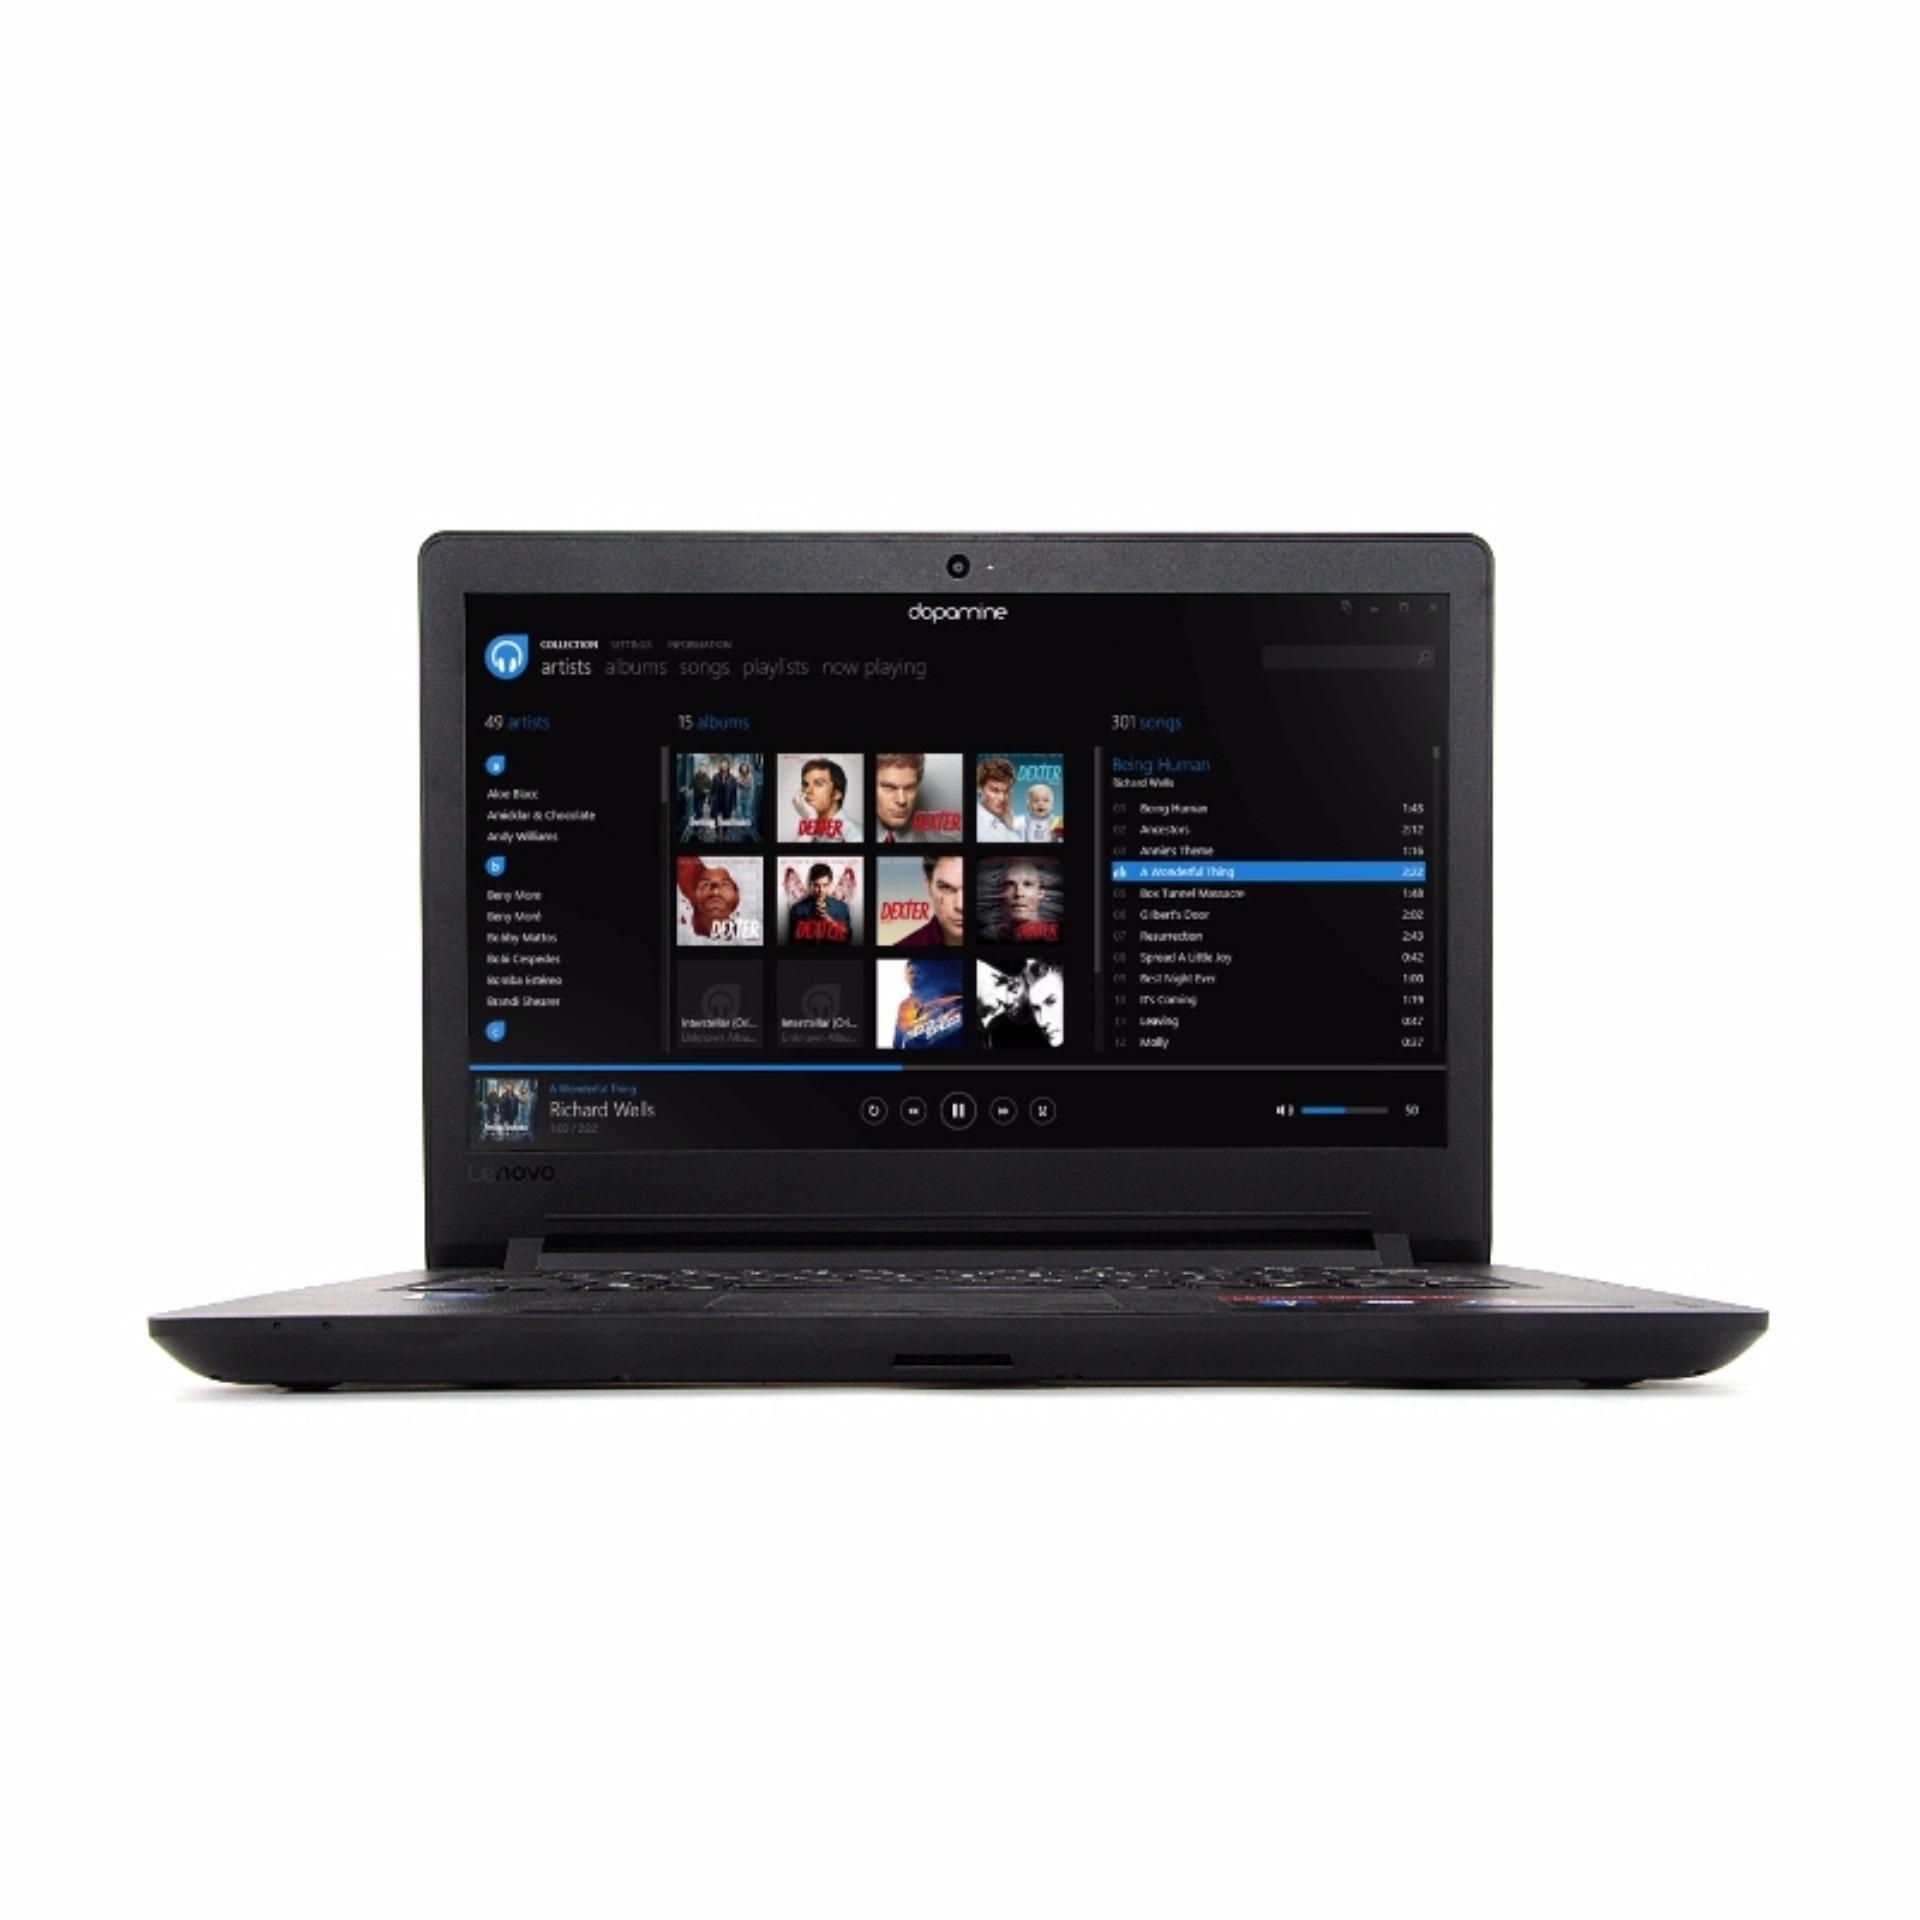 Lenovo Ideapad Yoga 300 2jid Celeron N3050 4 Gb Ddr3 116 Inch 500 Laptop 2in1 Ip 110 8gid Dual Core N3060 Ram 4gb